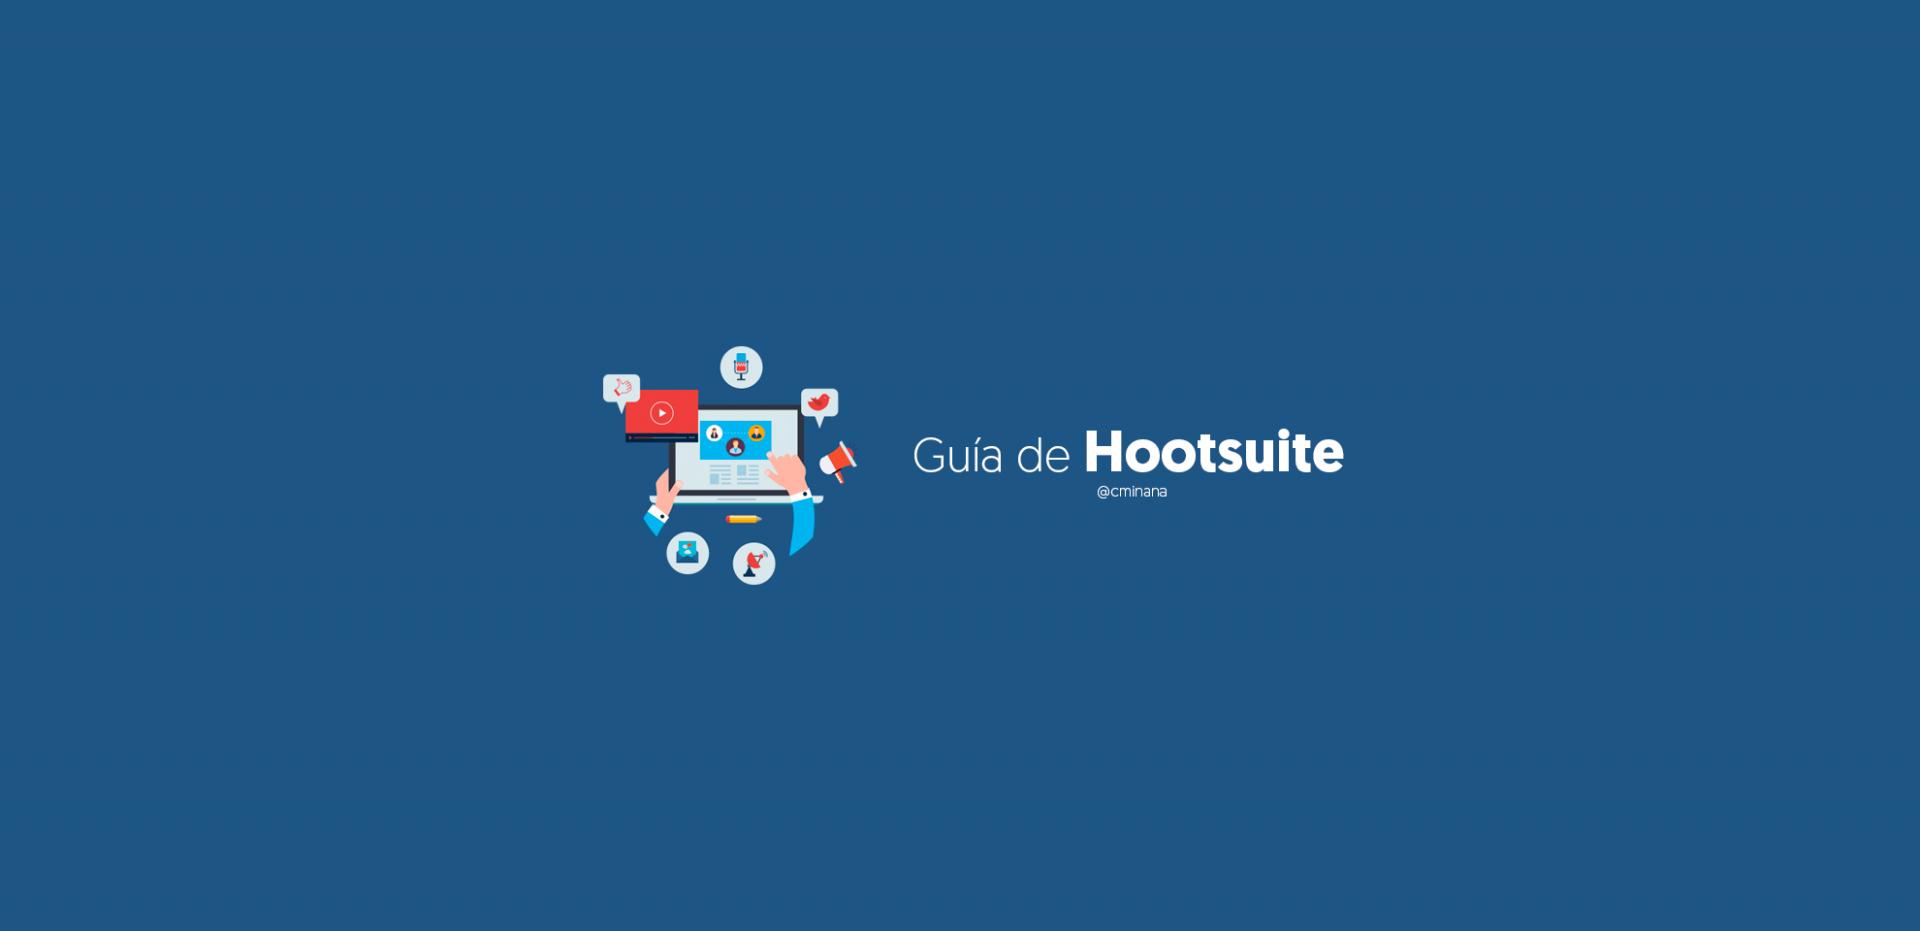 guia hootsuite redes sociales